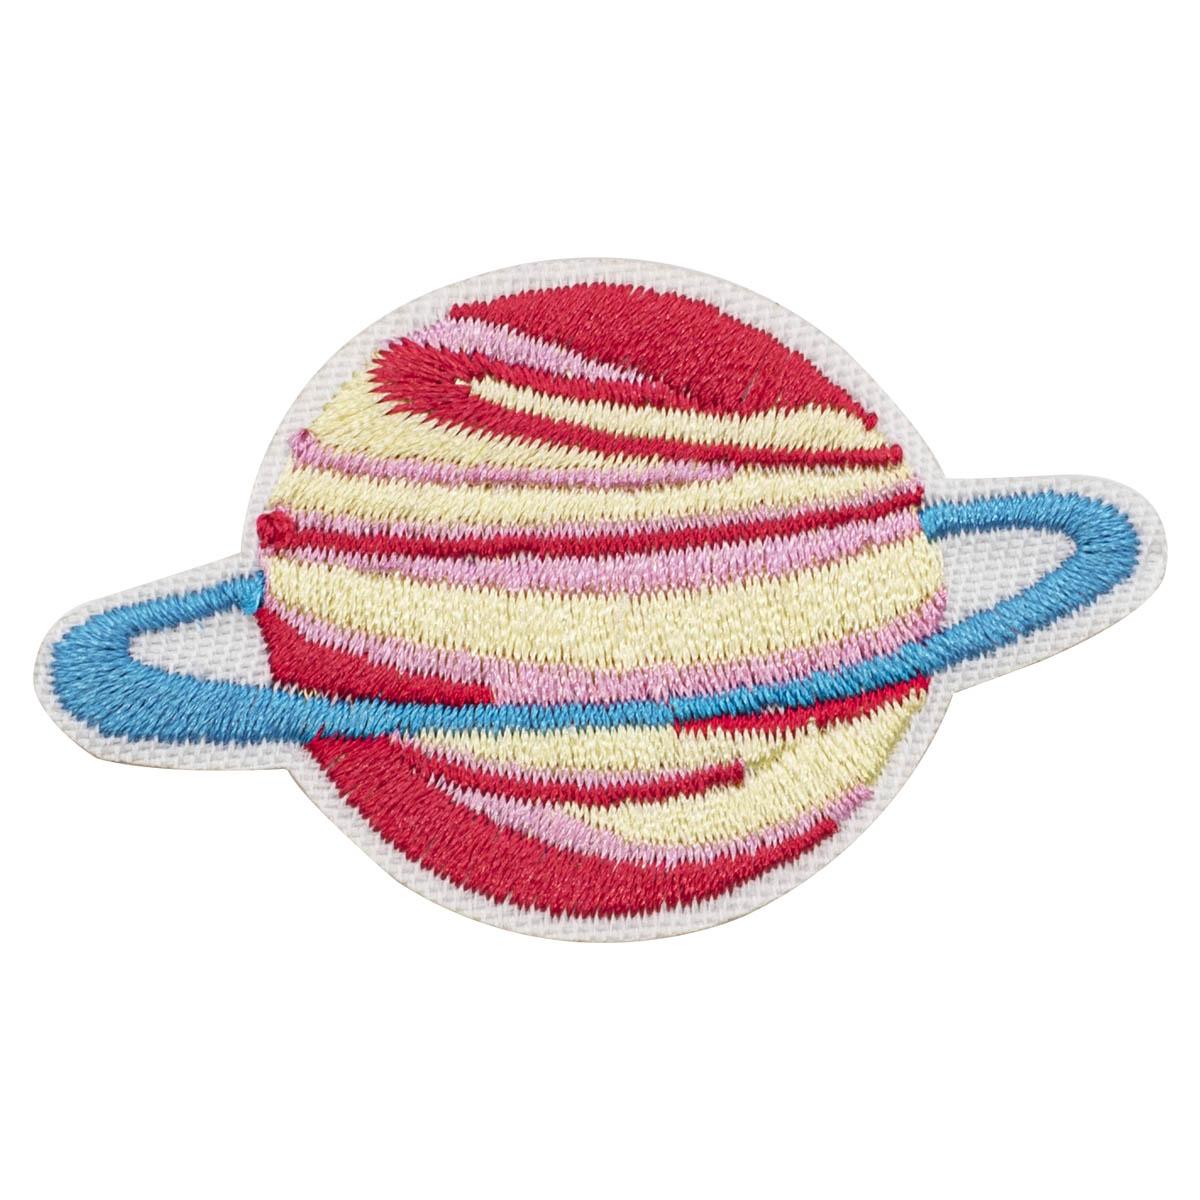 Термоаппликация 'Бело-розова я планета с голубым кольцом', 6.6*4.1см